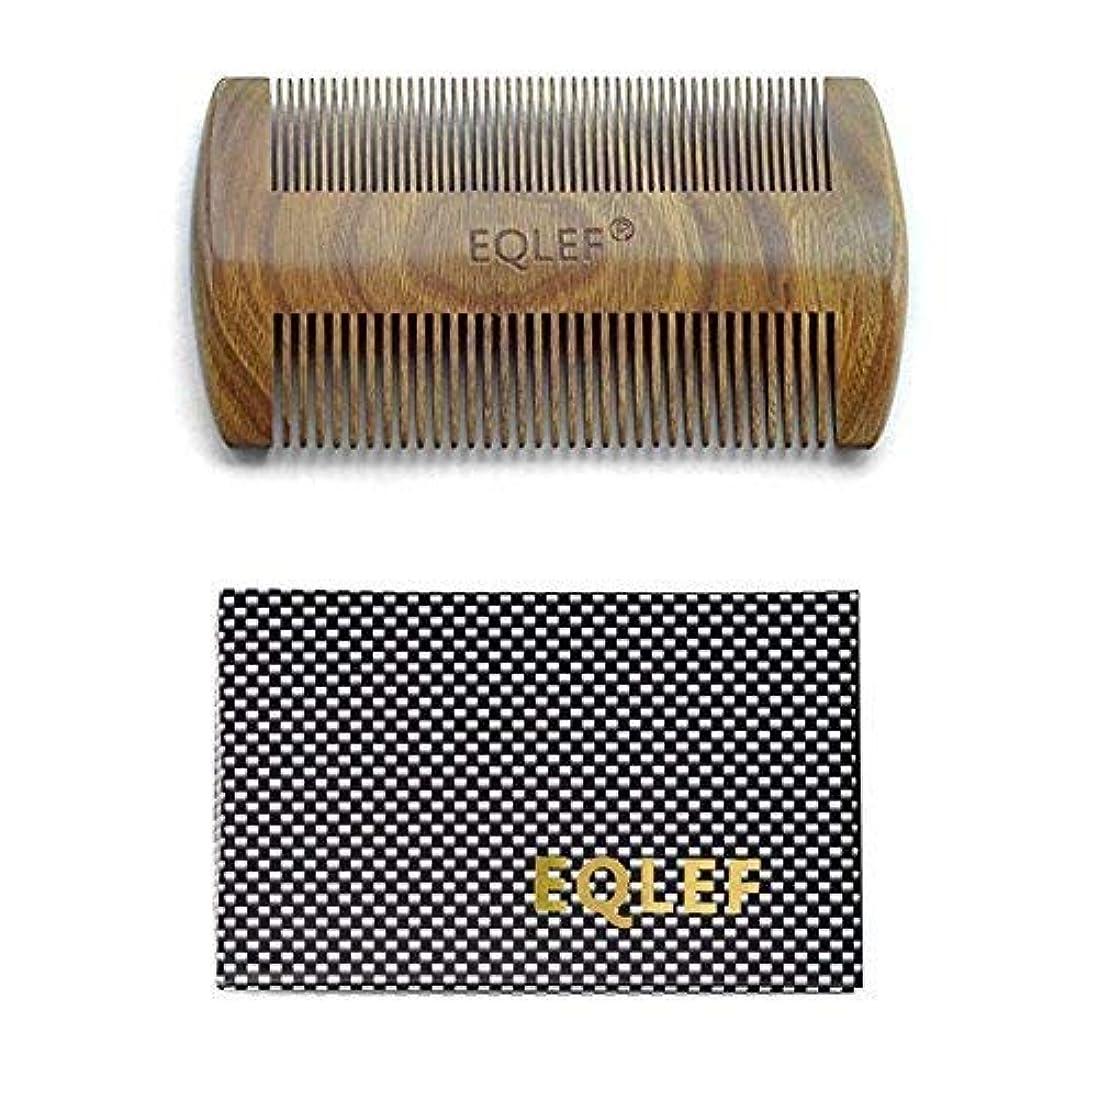 アプトスプレー前兆EQLEF? Green sandalwood no static handmade comb,Pocket comb (beard) [並行輸入品]